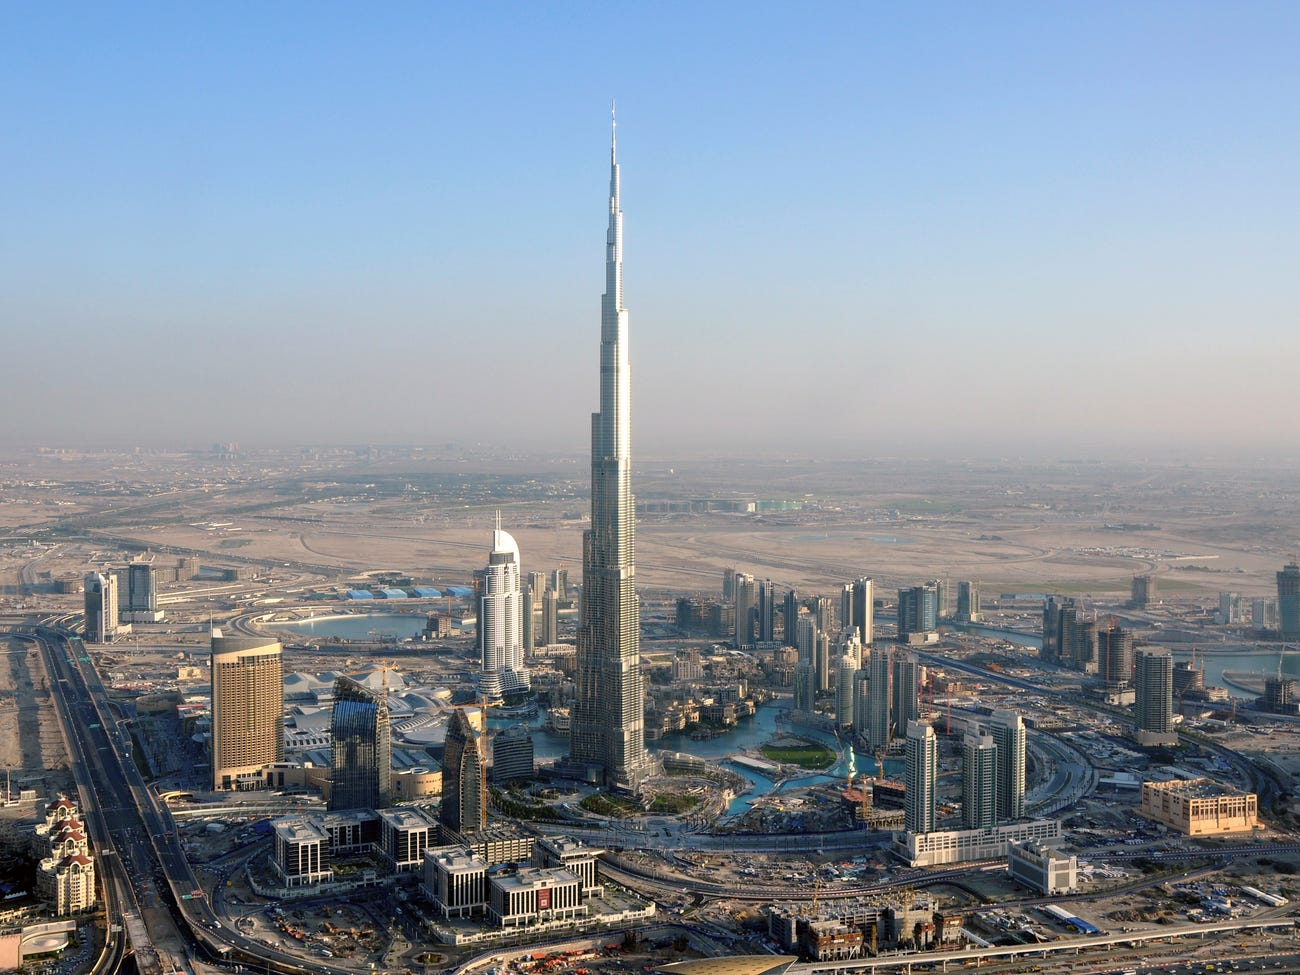 هل شركاتنا الناشئة جاهزة لقيادة أكبر اقتصاد في الشرق الأوسط؟